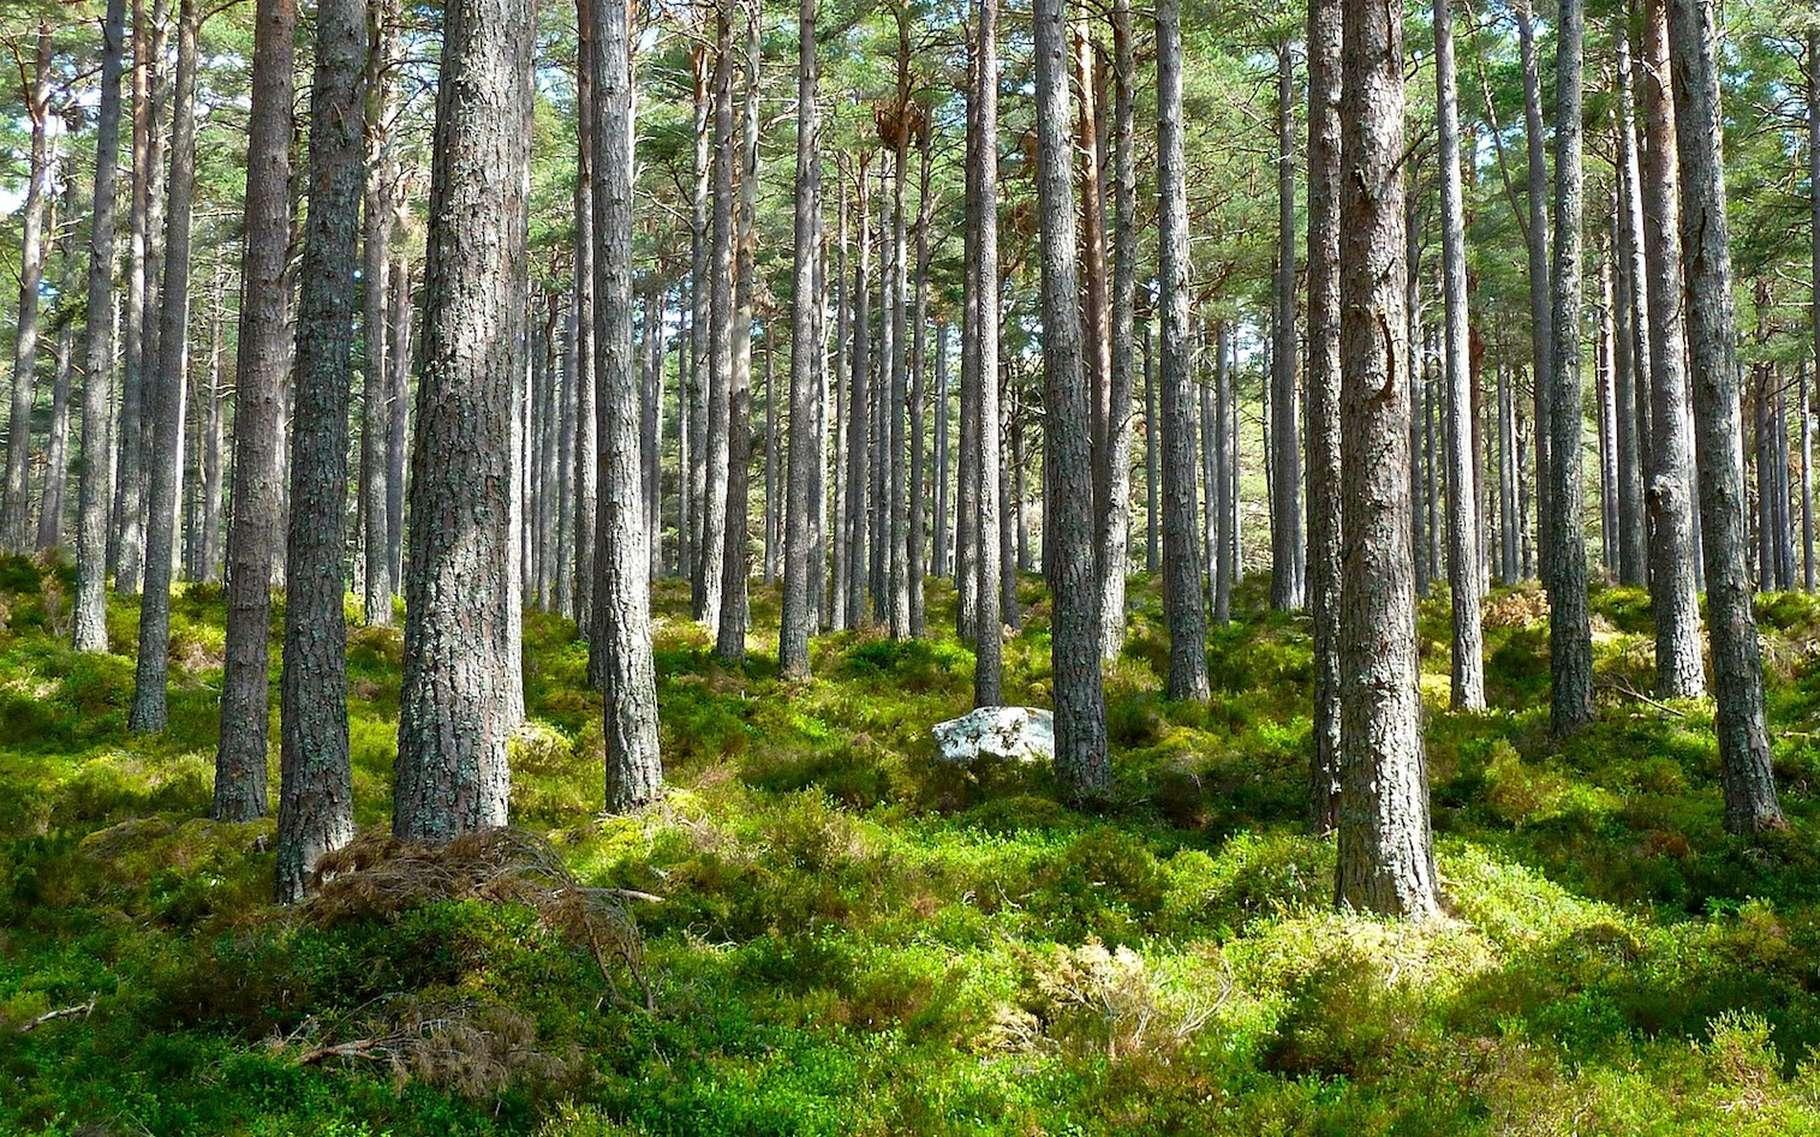 Les arbres absorbent le CO2 et l'utilisent pour leur croissance. Une étude australienne conclut que la fixation du carbone qui en résulte pourrait avoir été surestimée. © MempryCatcher, Pixabay, CC0 Public Domain